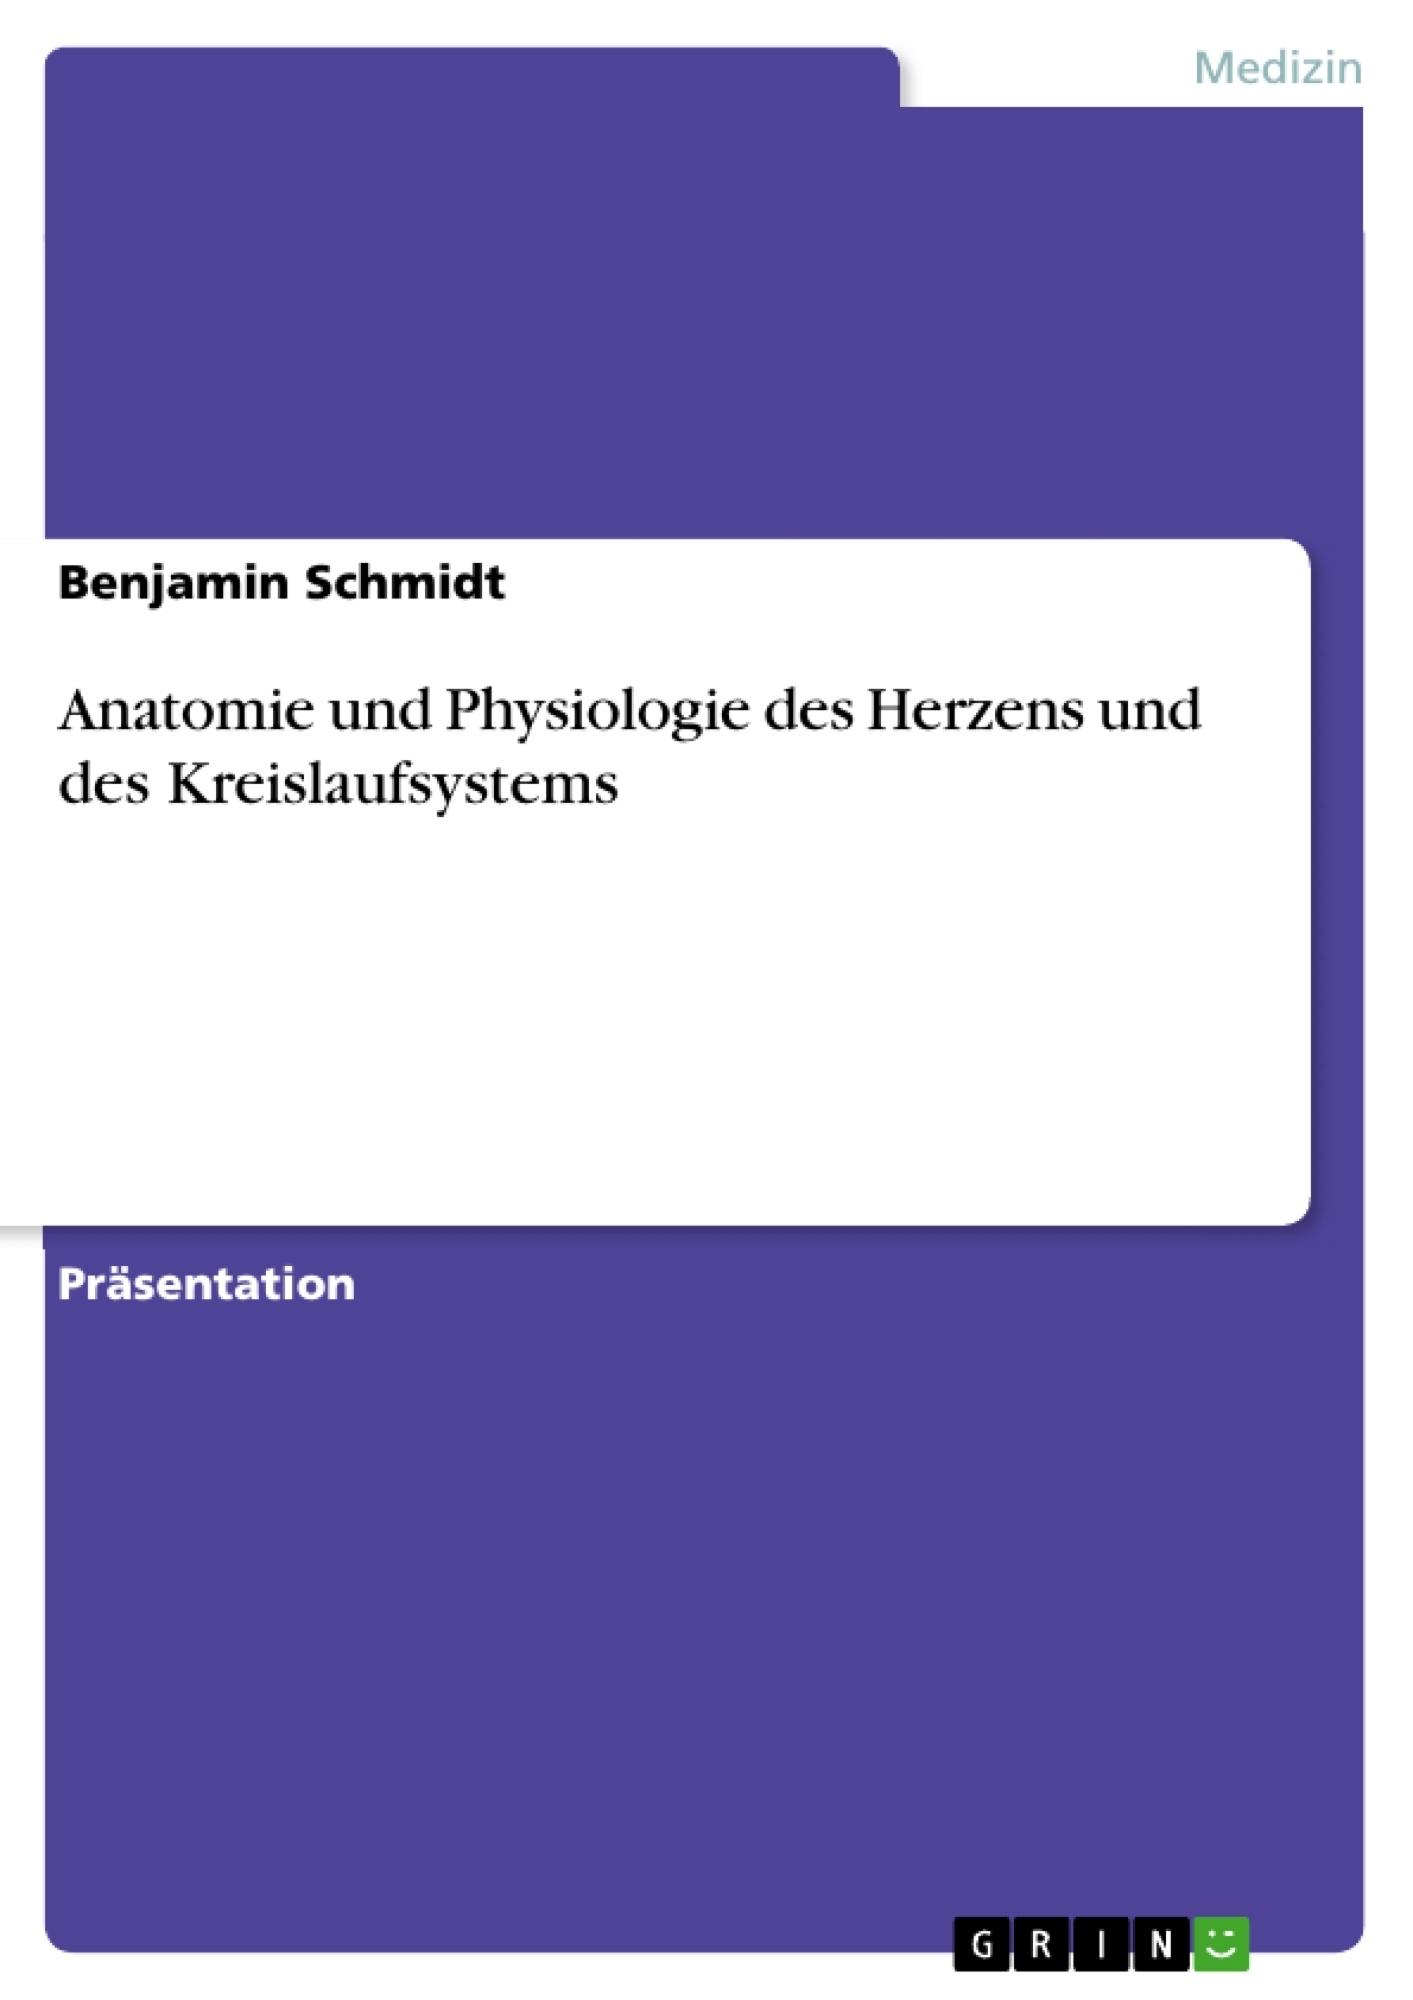 Titel: Anatomie und Physiologie des Herzens und des Kreislaufsystems